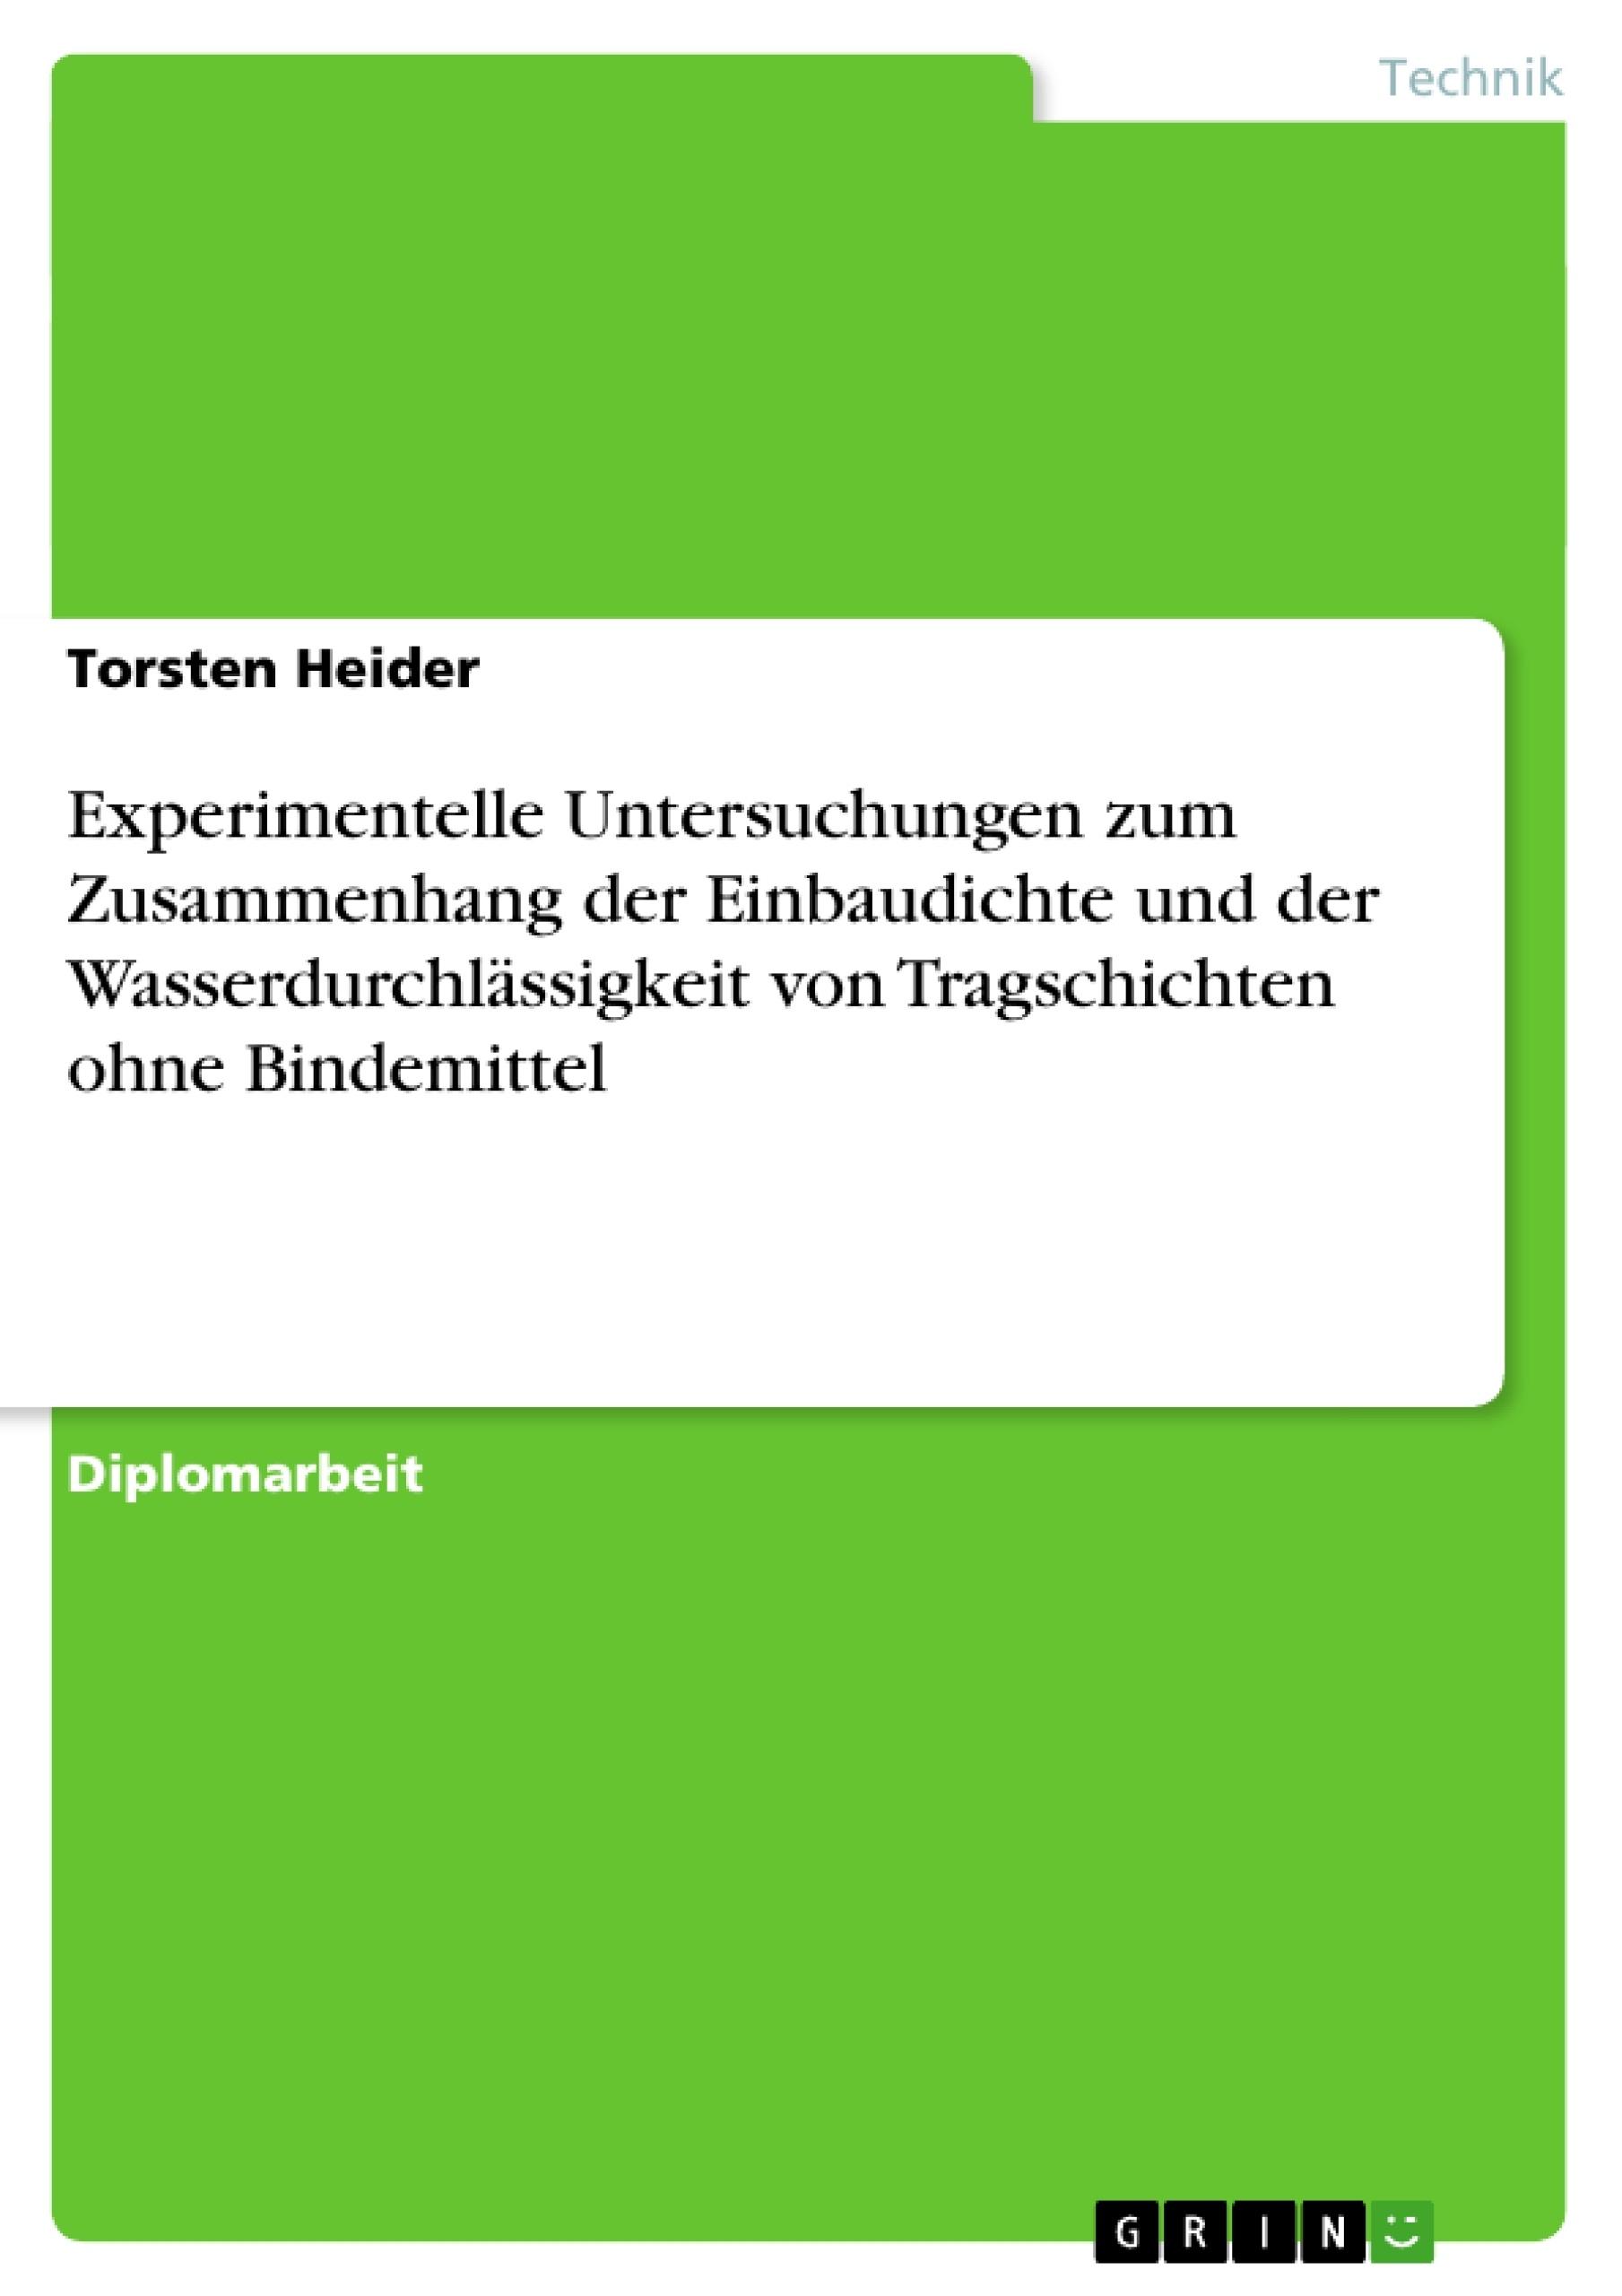 Experimentelle Untersuchungen zum Zusammenhang der Einbaudichte ...